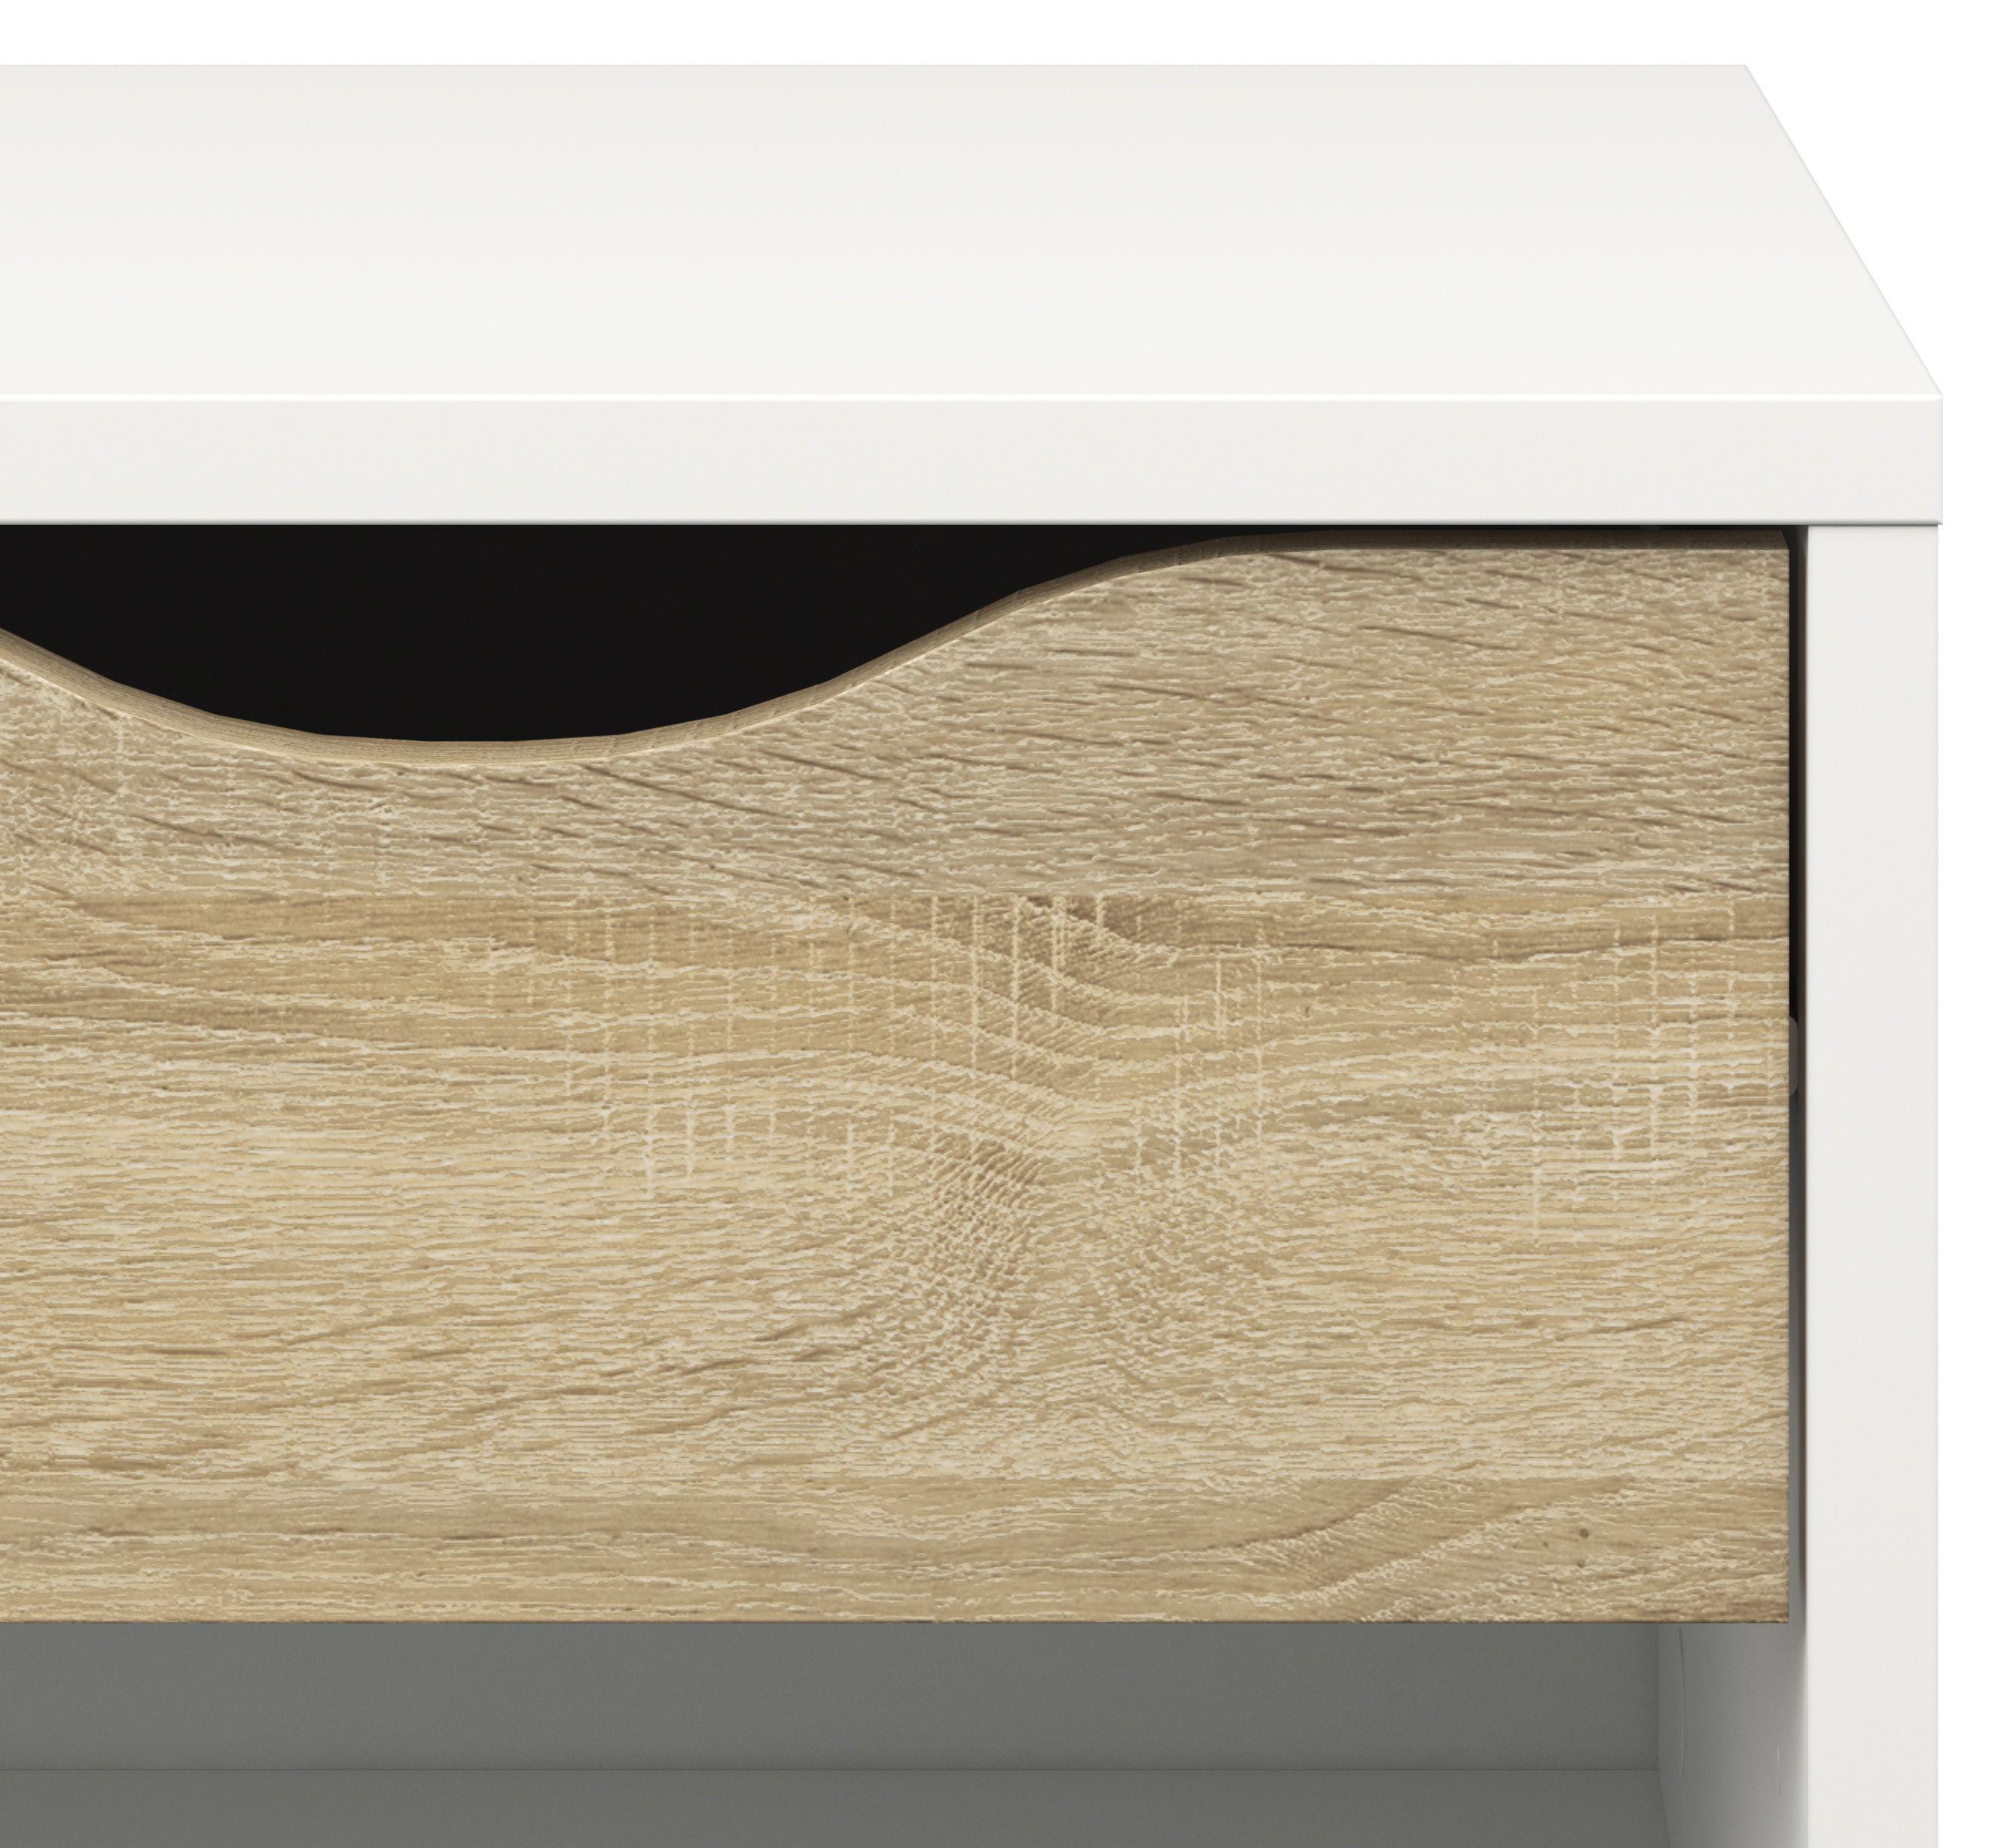 Delta Sengebord - Hvid - Sengebord i hvid med egetræsstruktur